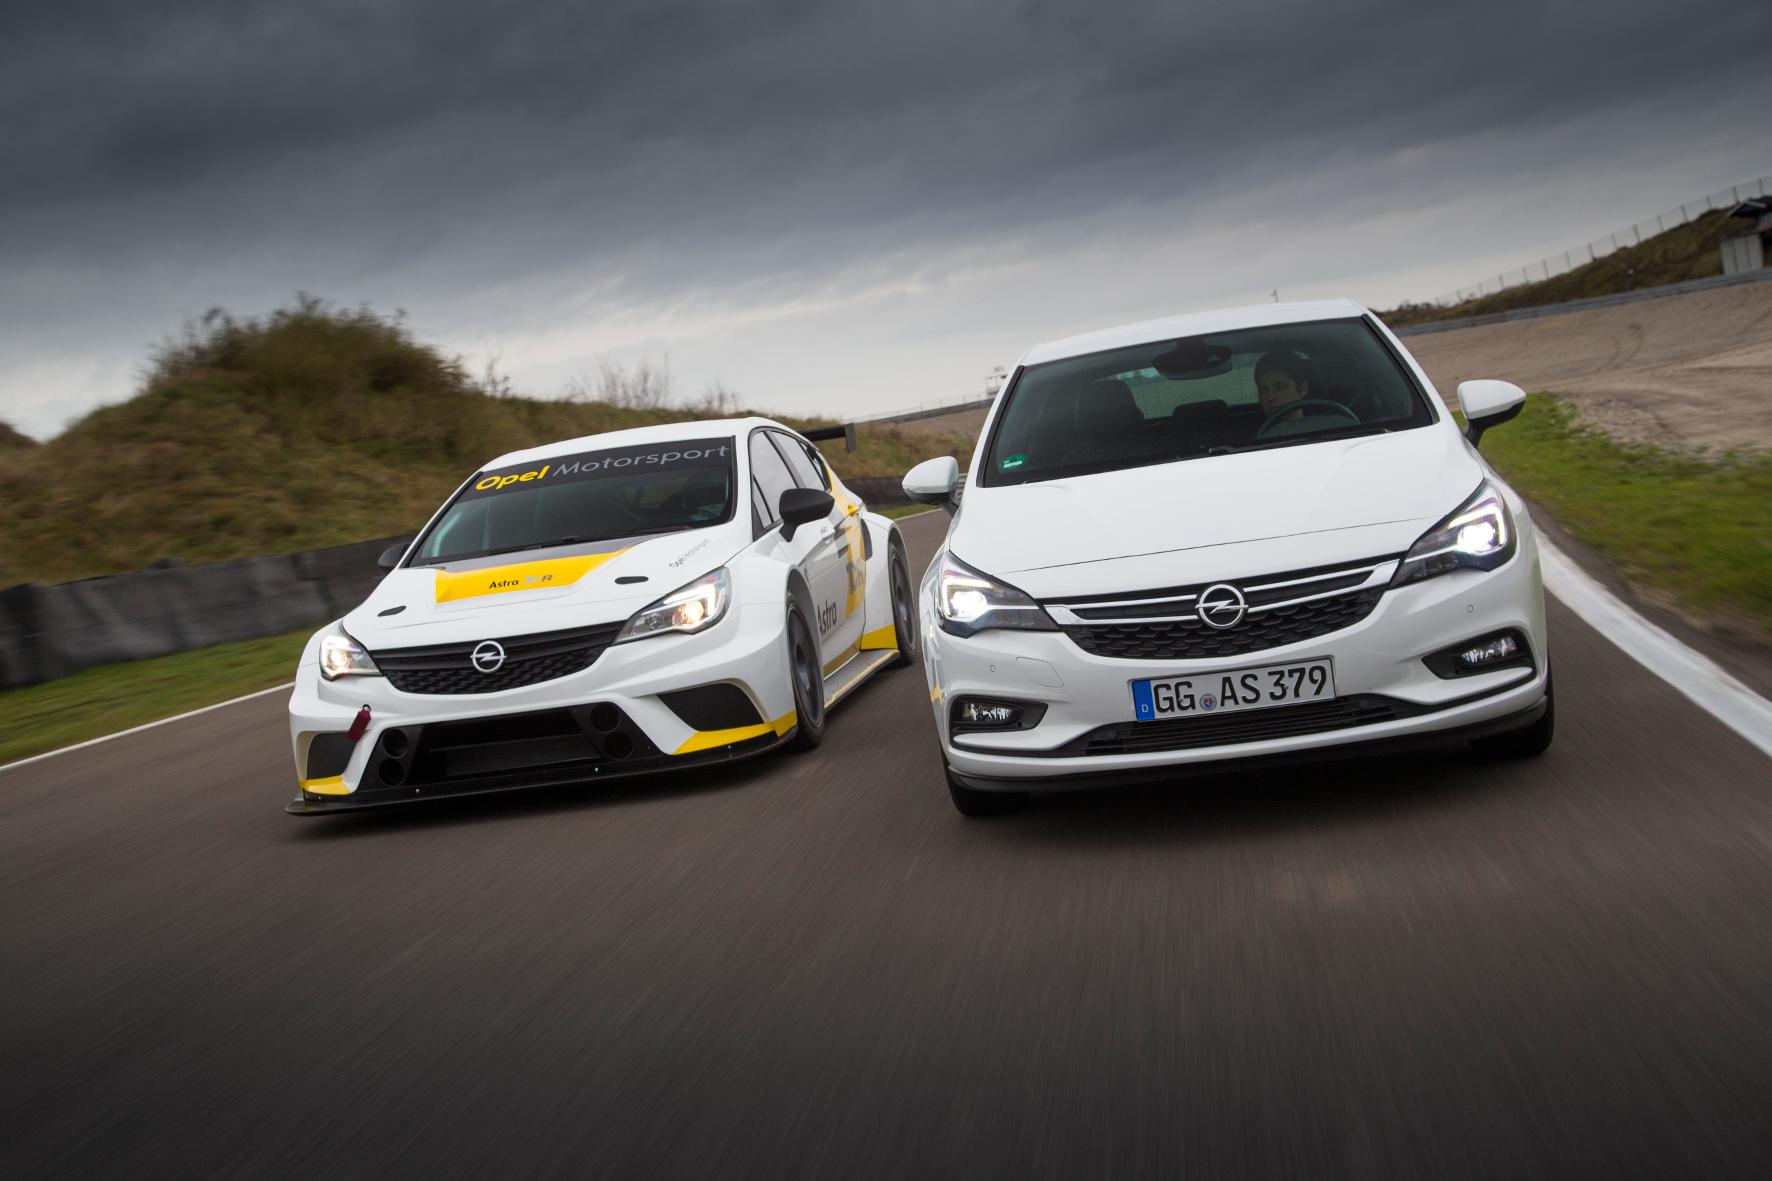 mid Groß-Gerau - Autobauer und Zulieferer investieren Unsummen in den Rennsport. Dadurch wollen die Konzerne ihre Bekanntheit steigern und letztlich mehr Autos verkaufen.